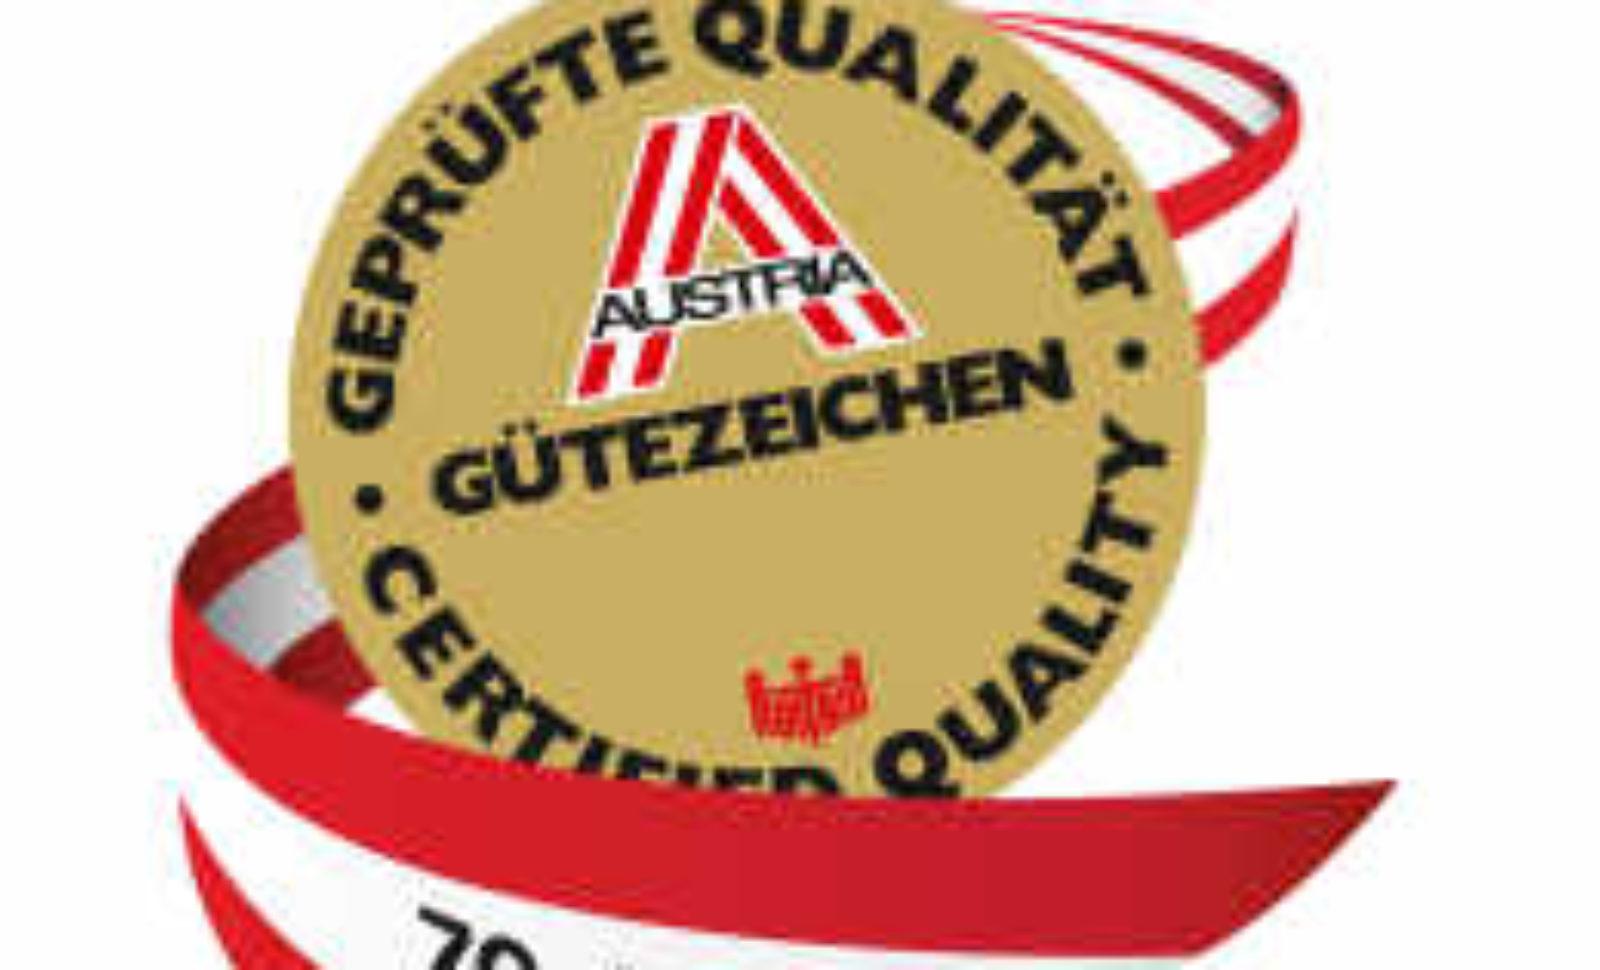 Austrian Gütezeichen Katalog